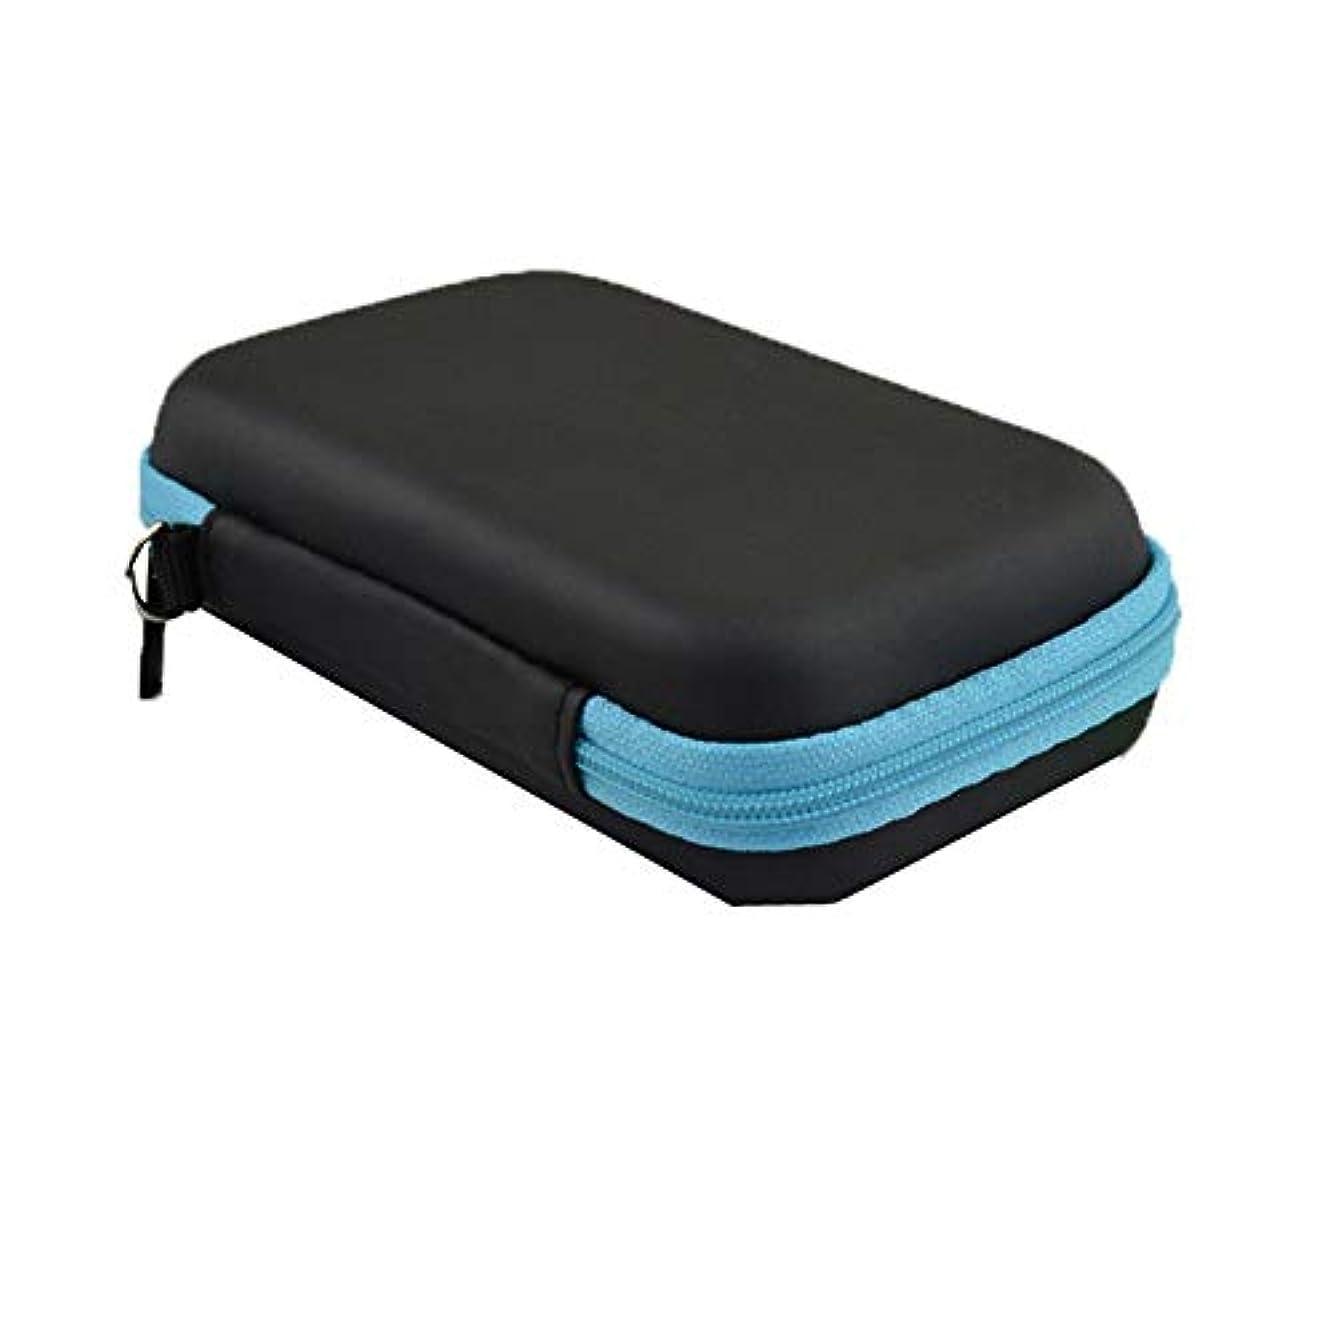 サロンケーキコートエッセンシャルオイルストレージボックス エッセンシャルオイルキャリングケースハードシェルエクステリアストレージオーガナイザーは1-3MLエッセンシャルオイルブルーを開催します 旅行およびプレゼンテーション用 (色 : 青...